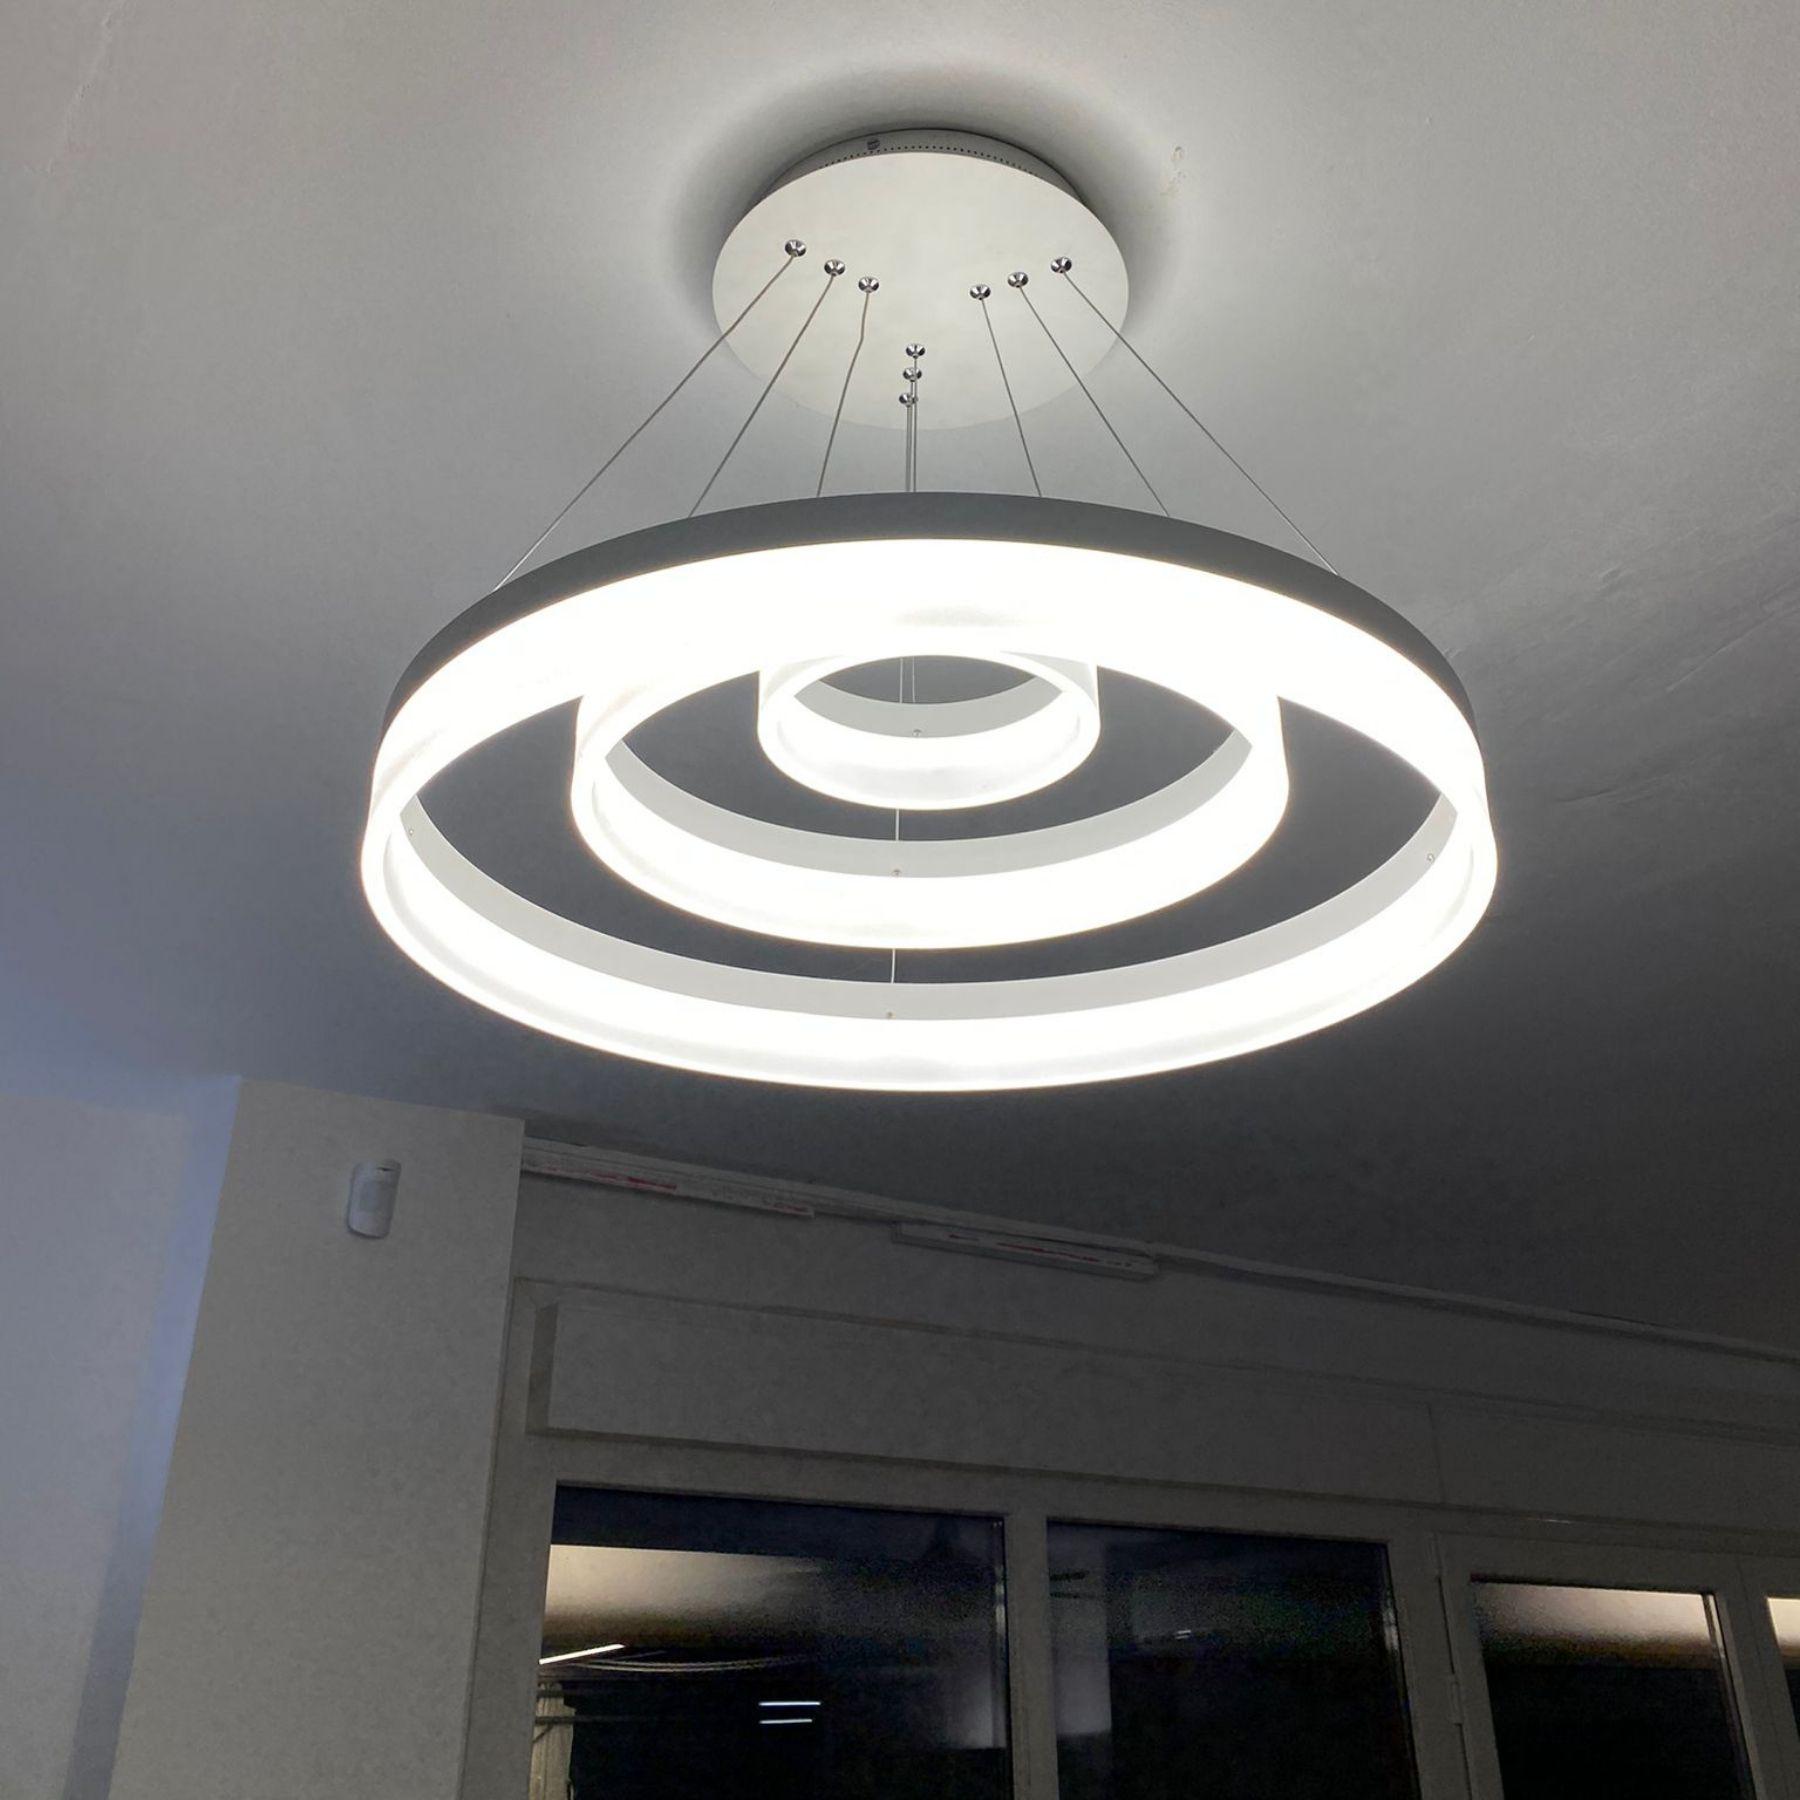 luz led circular centro comedor